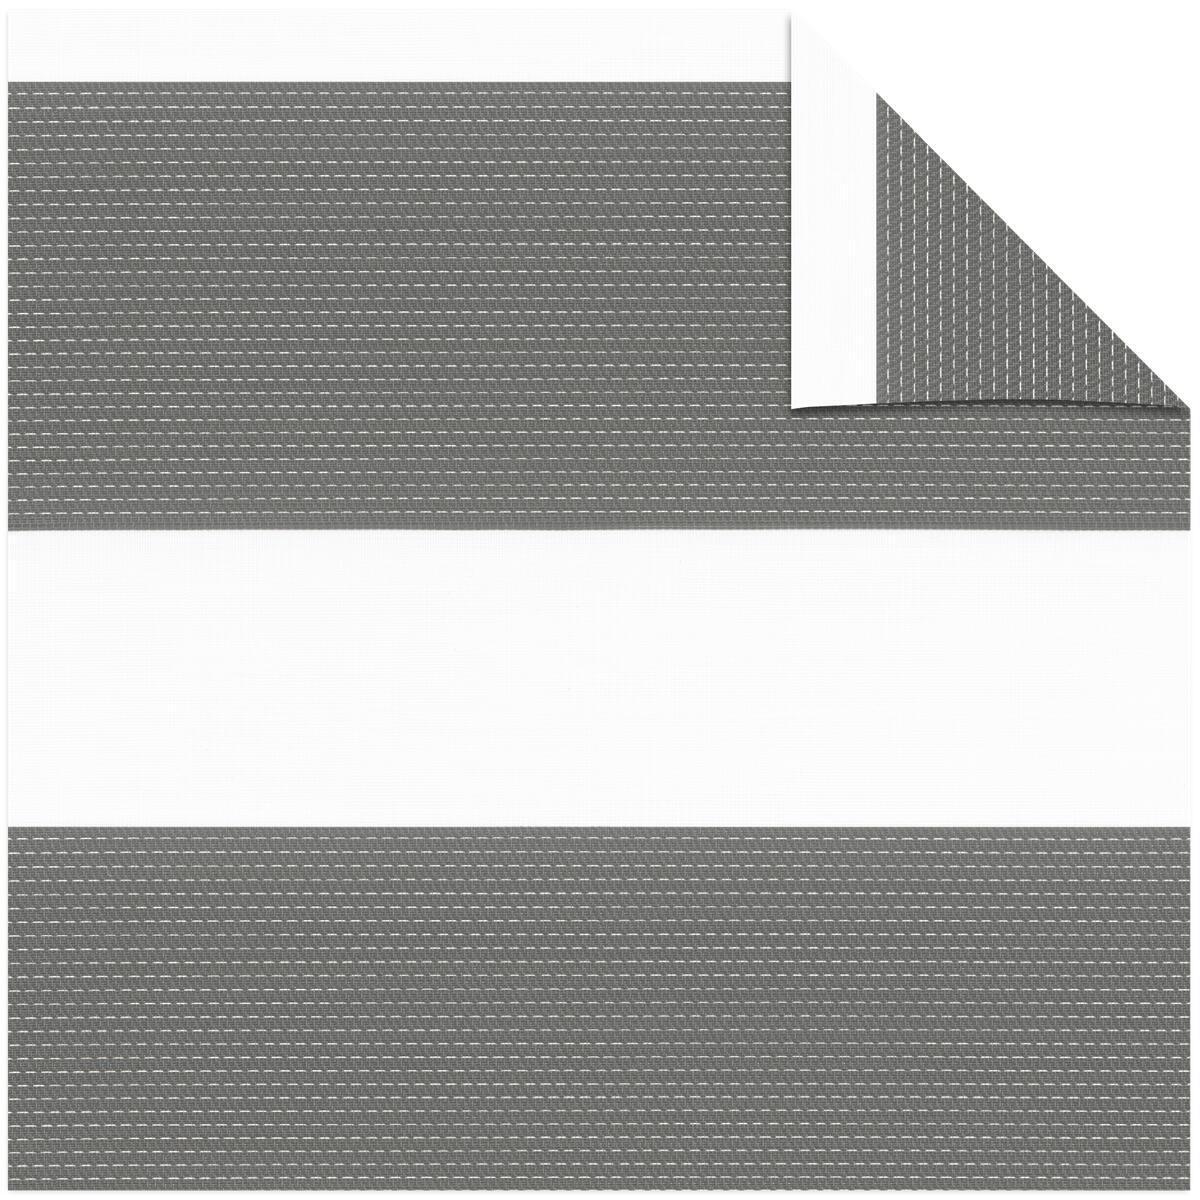 Tenda a rullo Orleans grigio 70 x 190 cm - 7